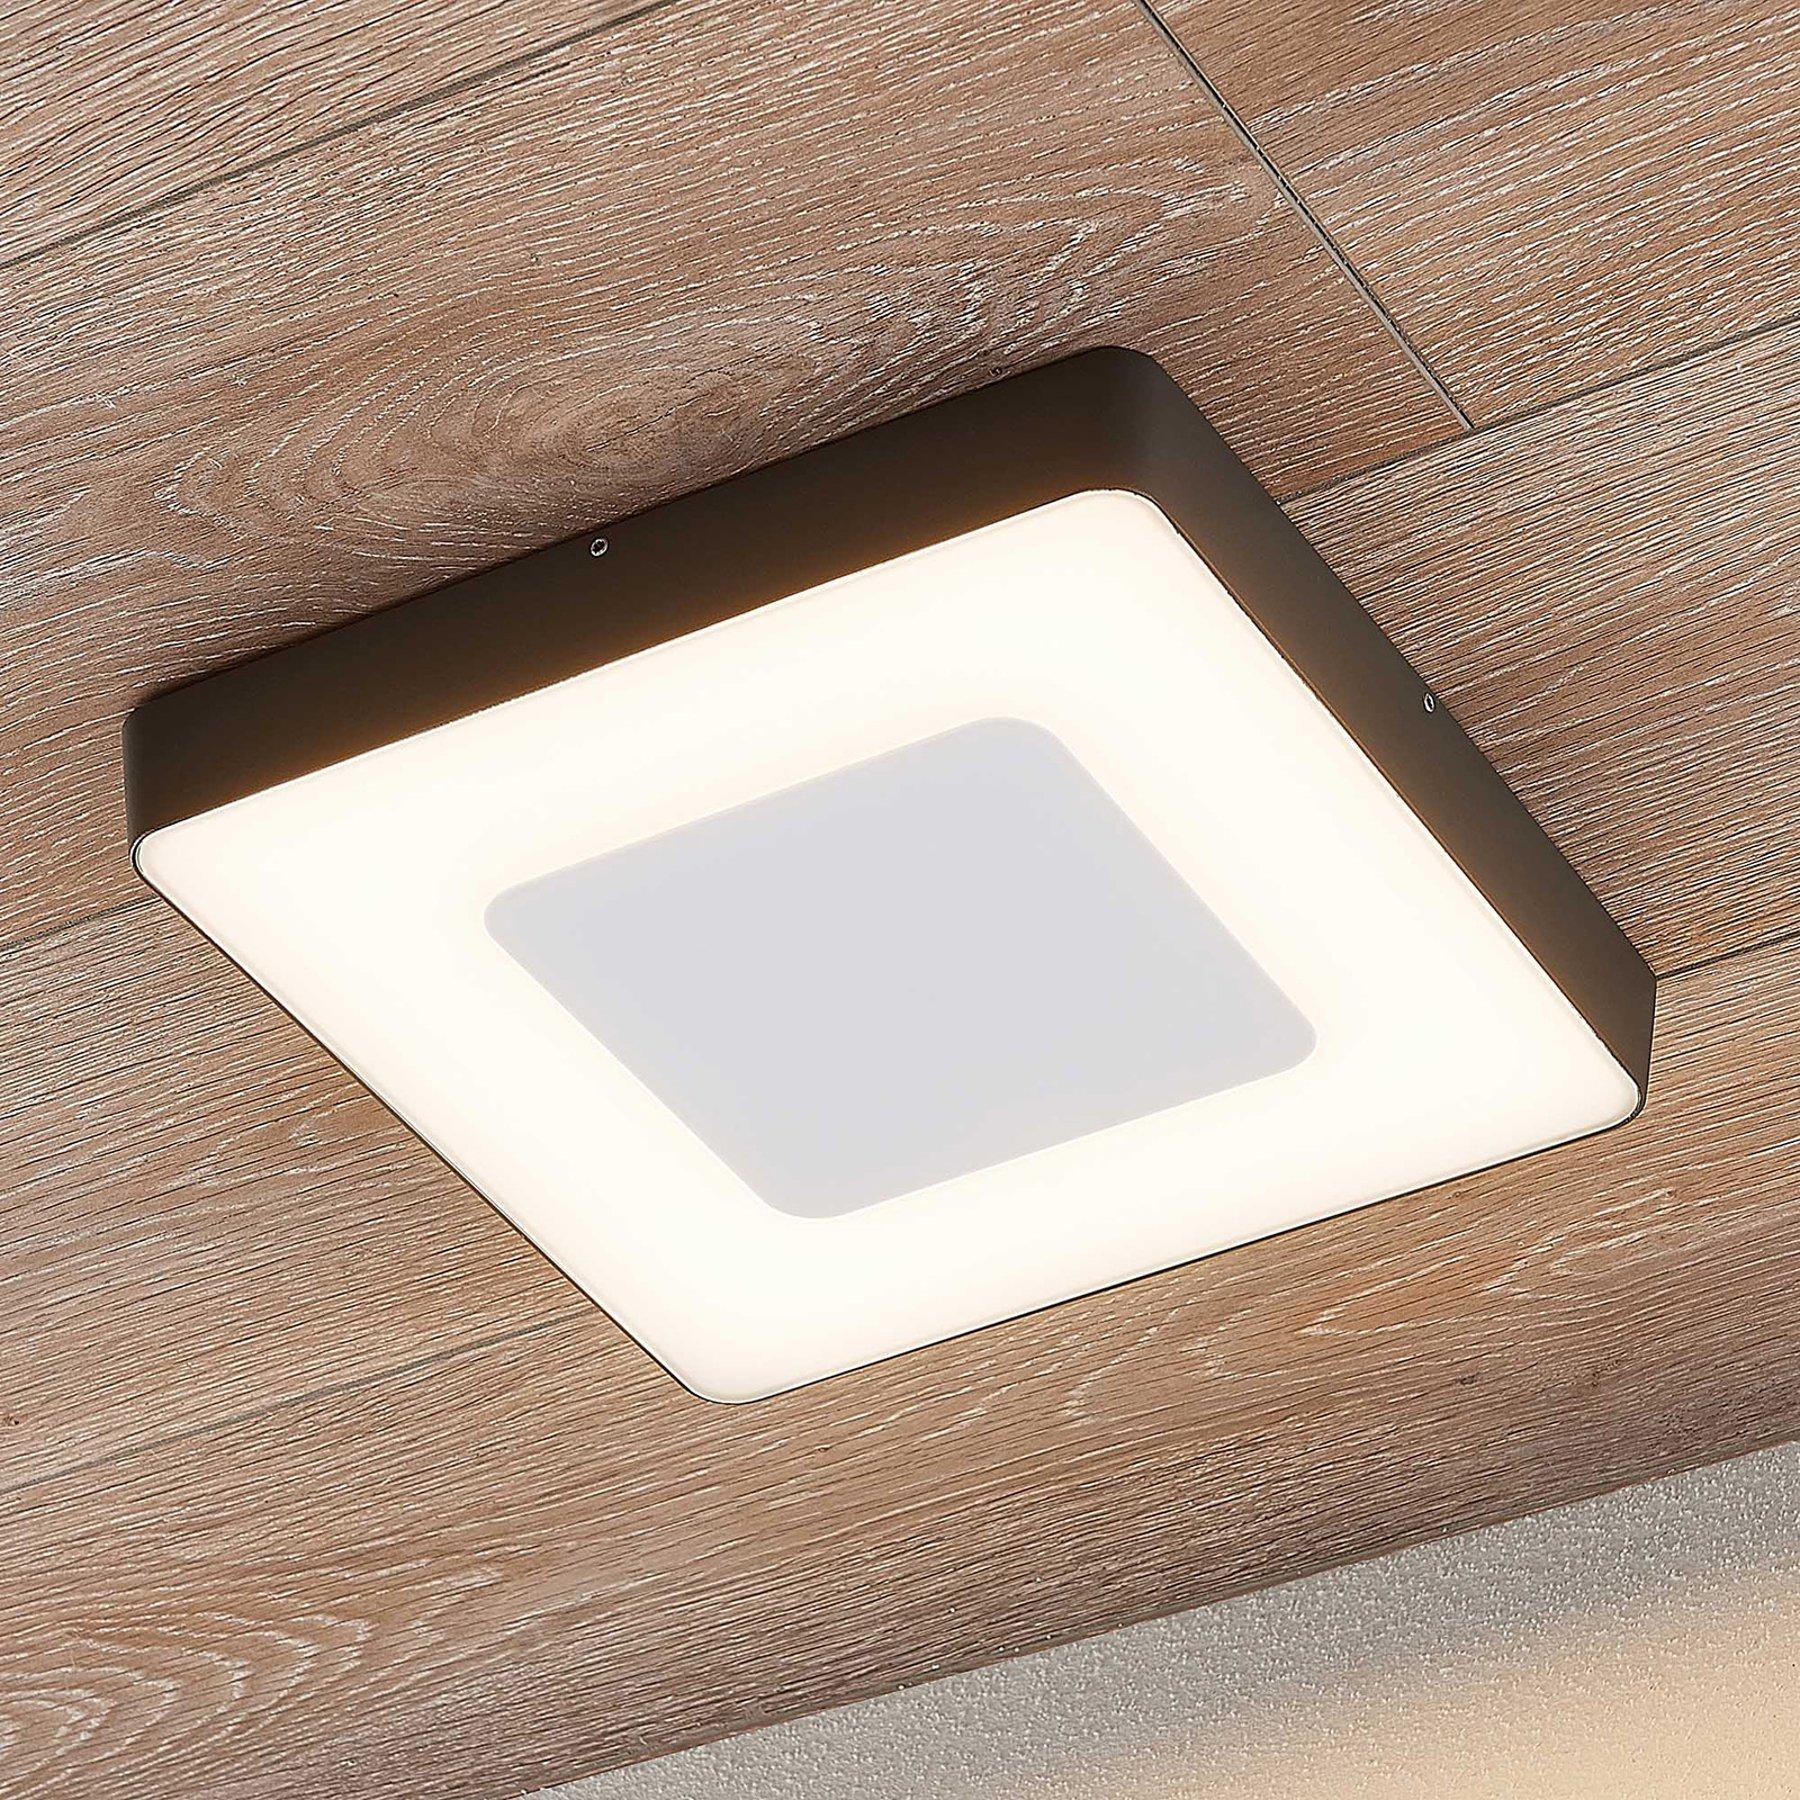 LED utendørs taklampe Sora, kantet, sensor